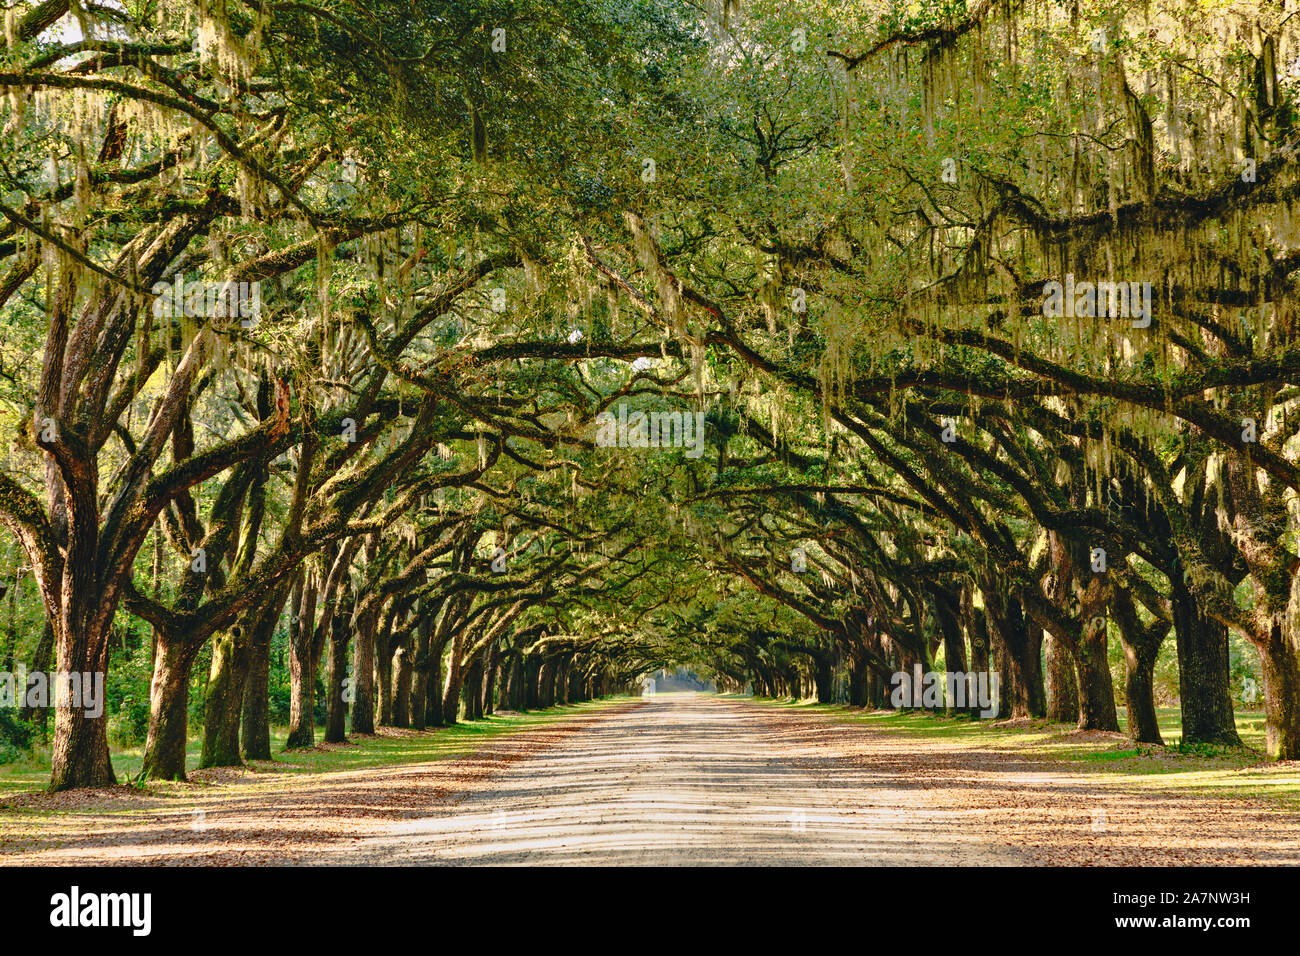 Una impresionante, largo camino bordeado con antiguos robles cubiertos de musgo español cerca de Savannah, Georgia. Foto de stock